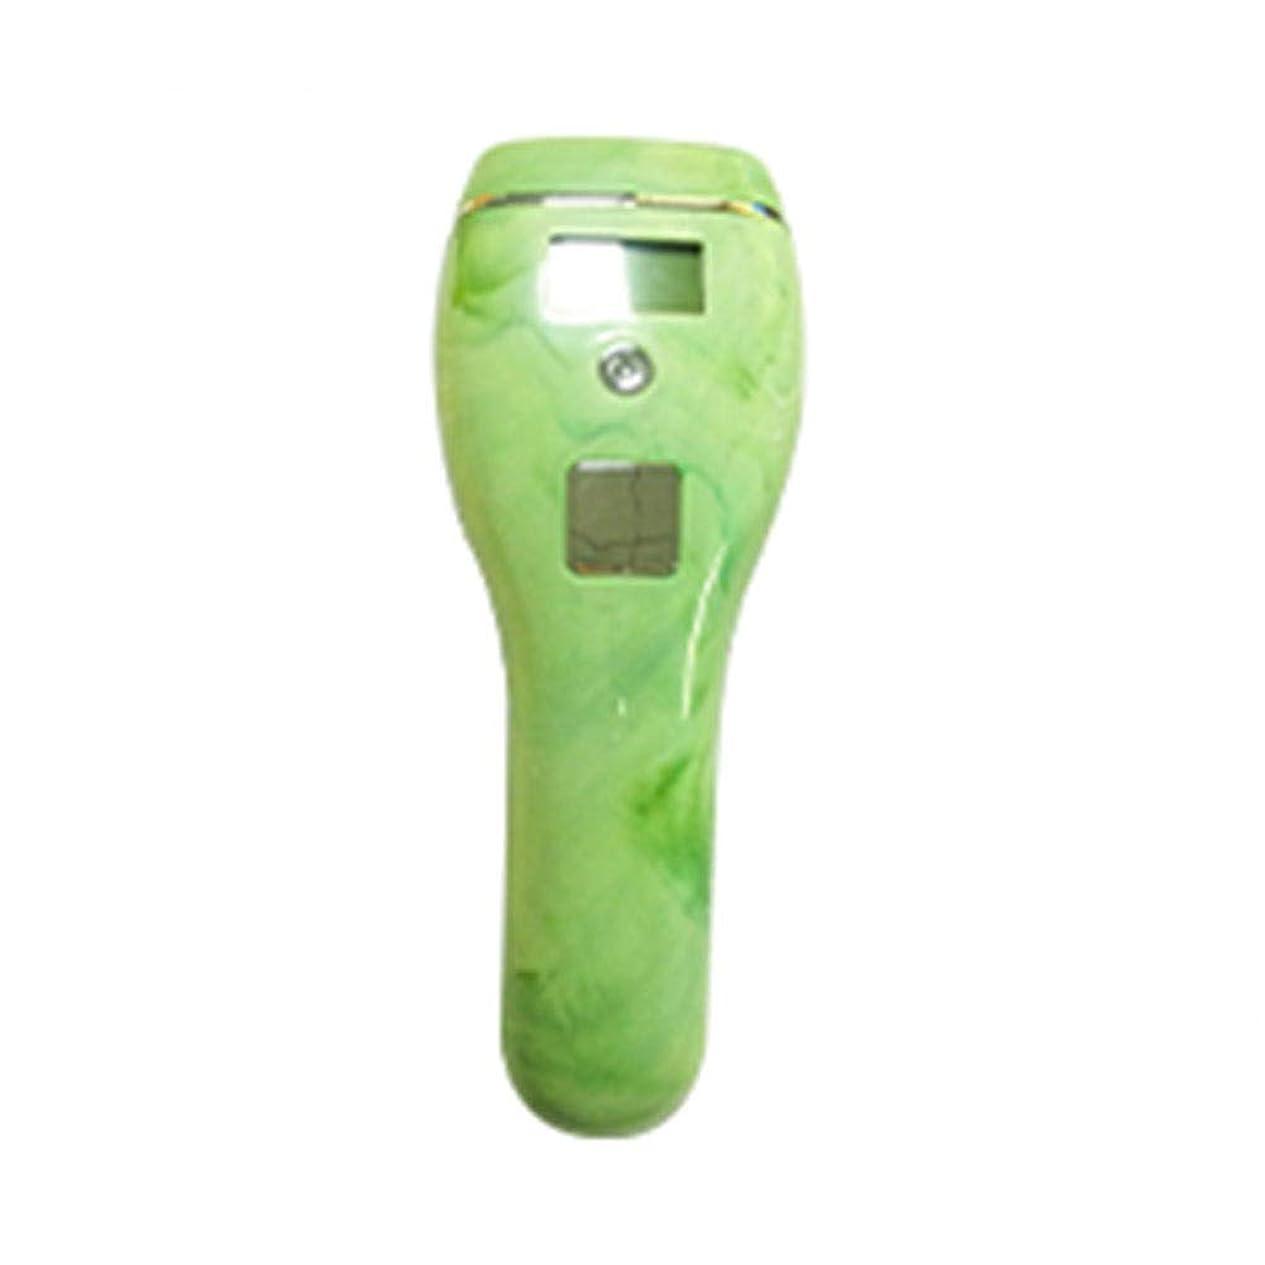 意識倍増キャンセル自動肌のカラーセンシング、グリーン、5速調整、クォーツチューブ、携帯用痛みのない全身凍結乾燥用除湿器、サイズ19x7x5cm 安全性 (Color : Green)